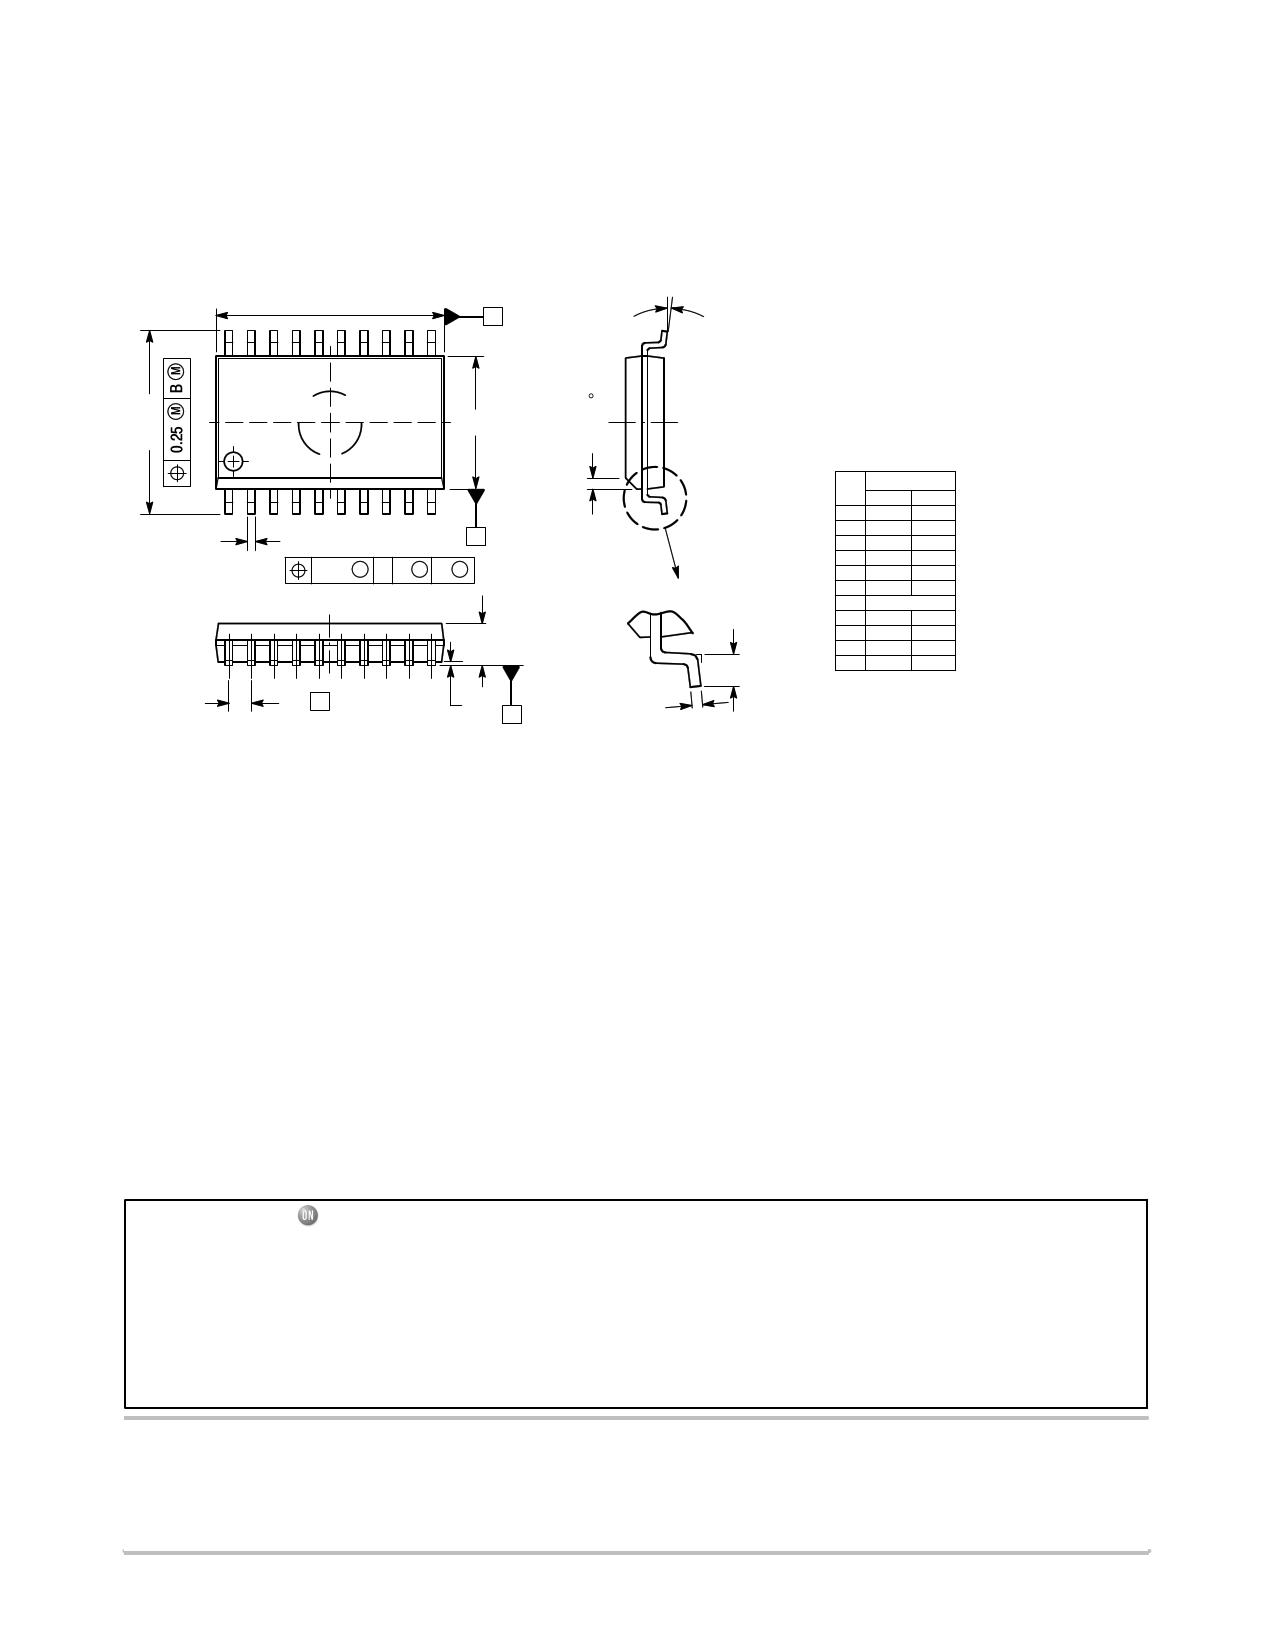 asme y14 5.1 m 1994 pdf